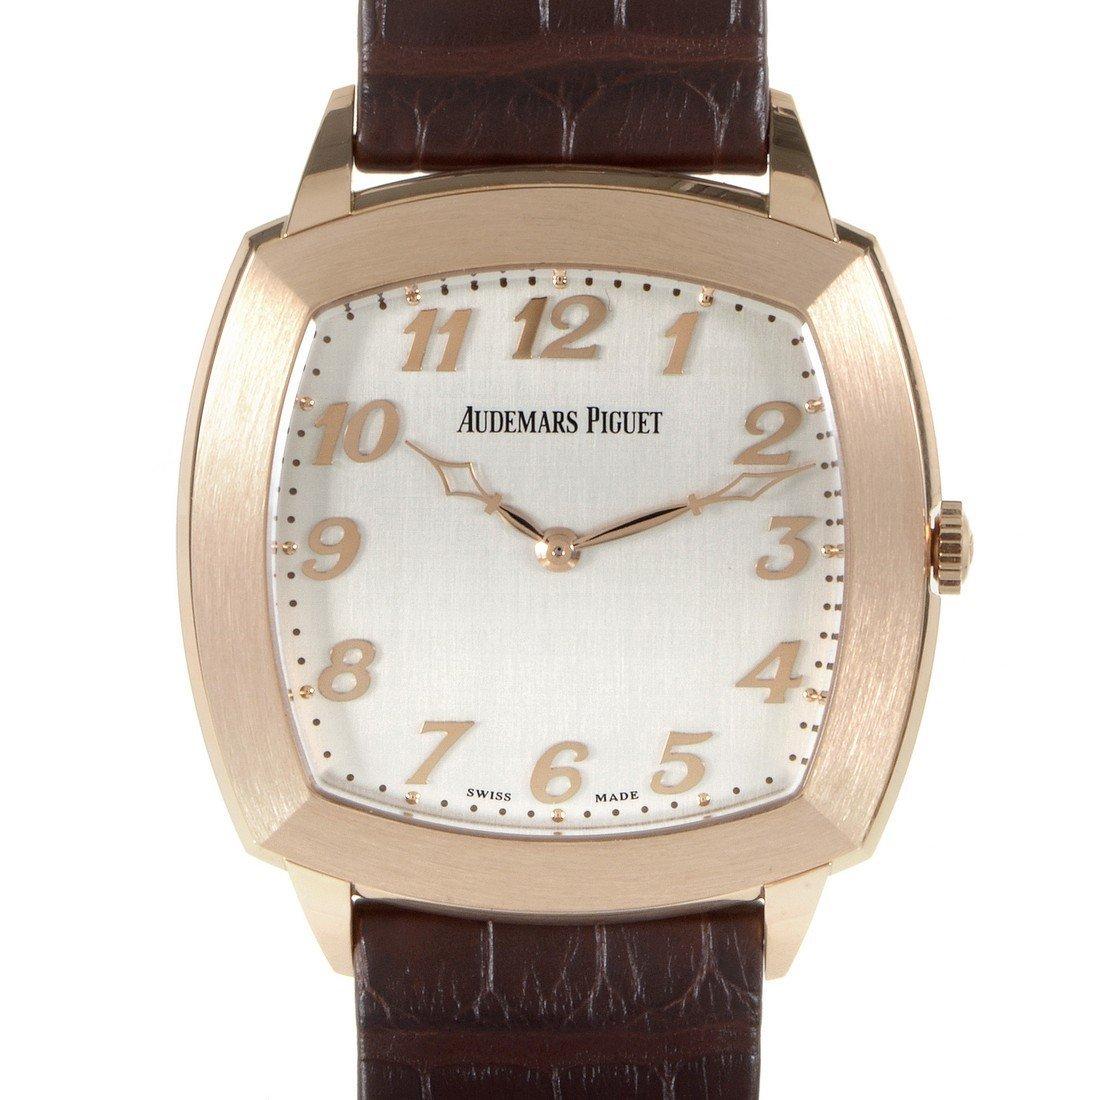 Audemars Piguet Watch Tradition 41mm